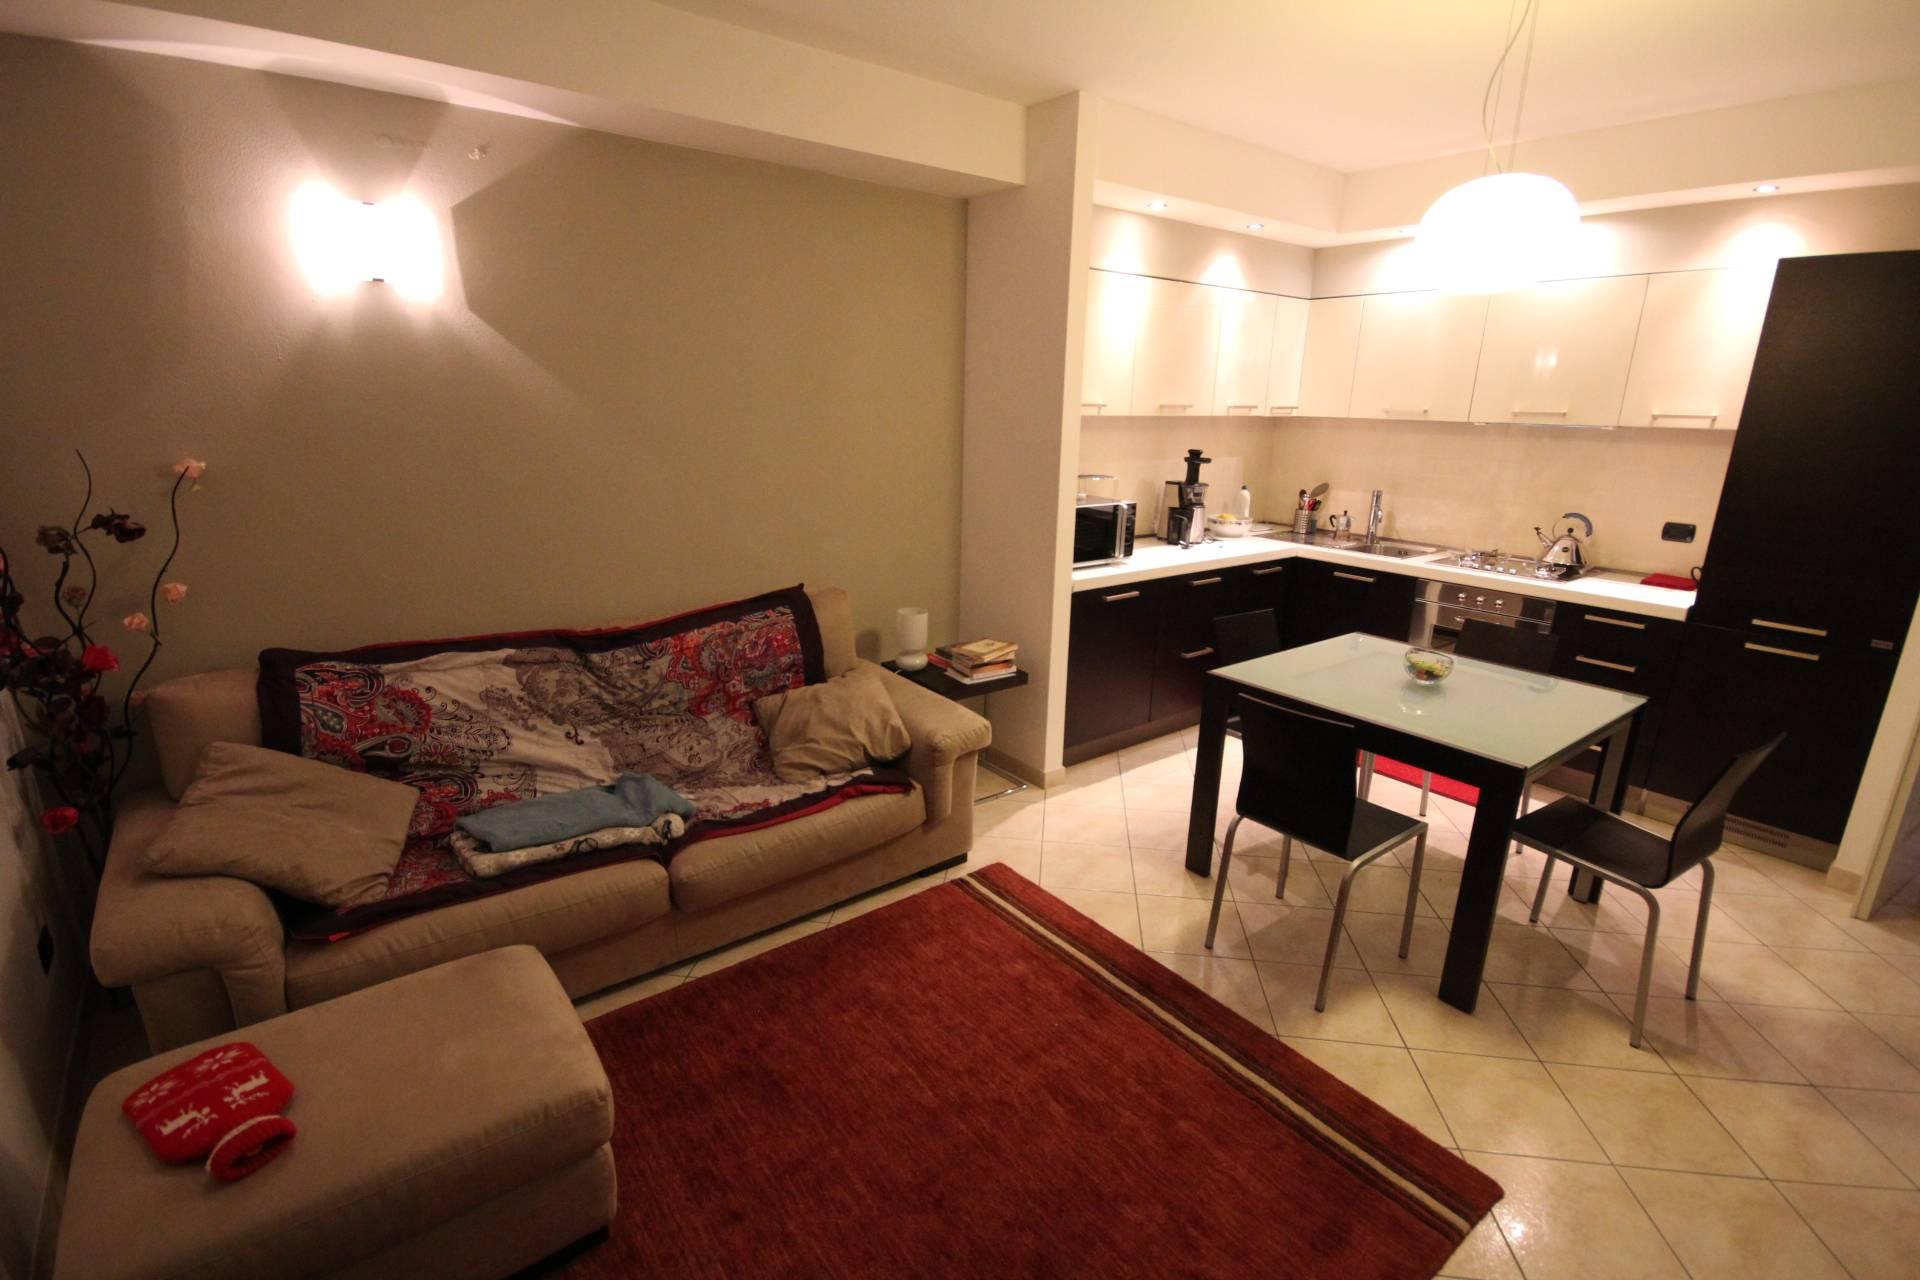 Appartamento in vendita a Verbania, 2 locali, zona Zona: Intra, prezzo € 155.000   CambioCasa.it